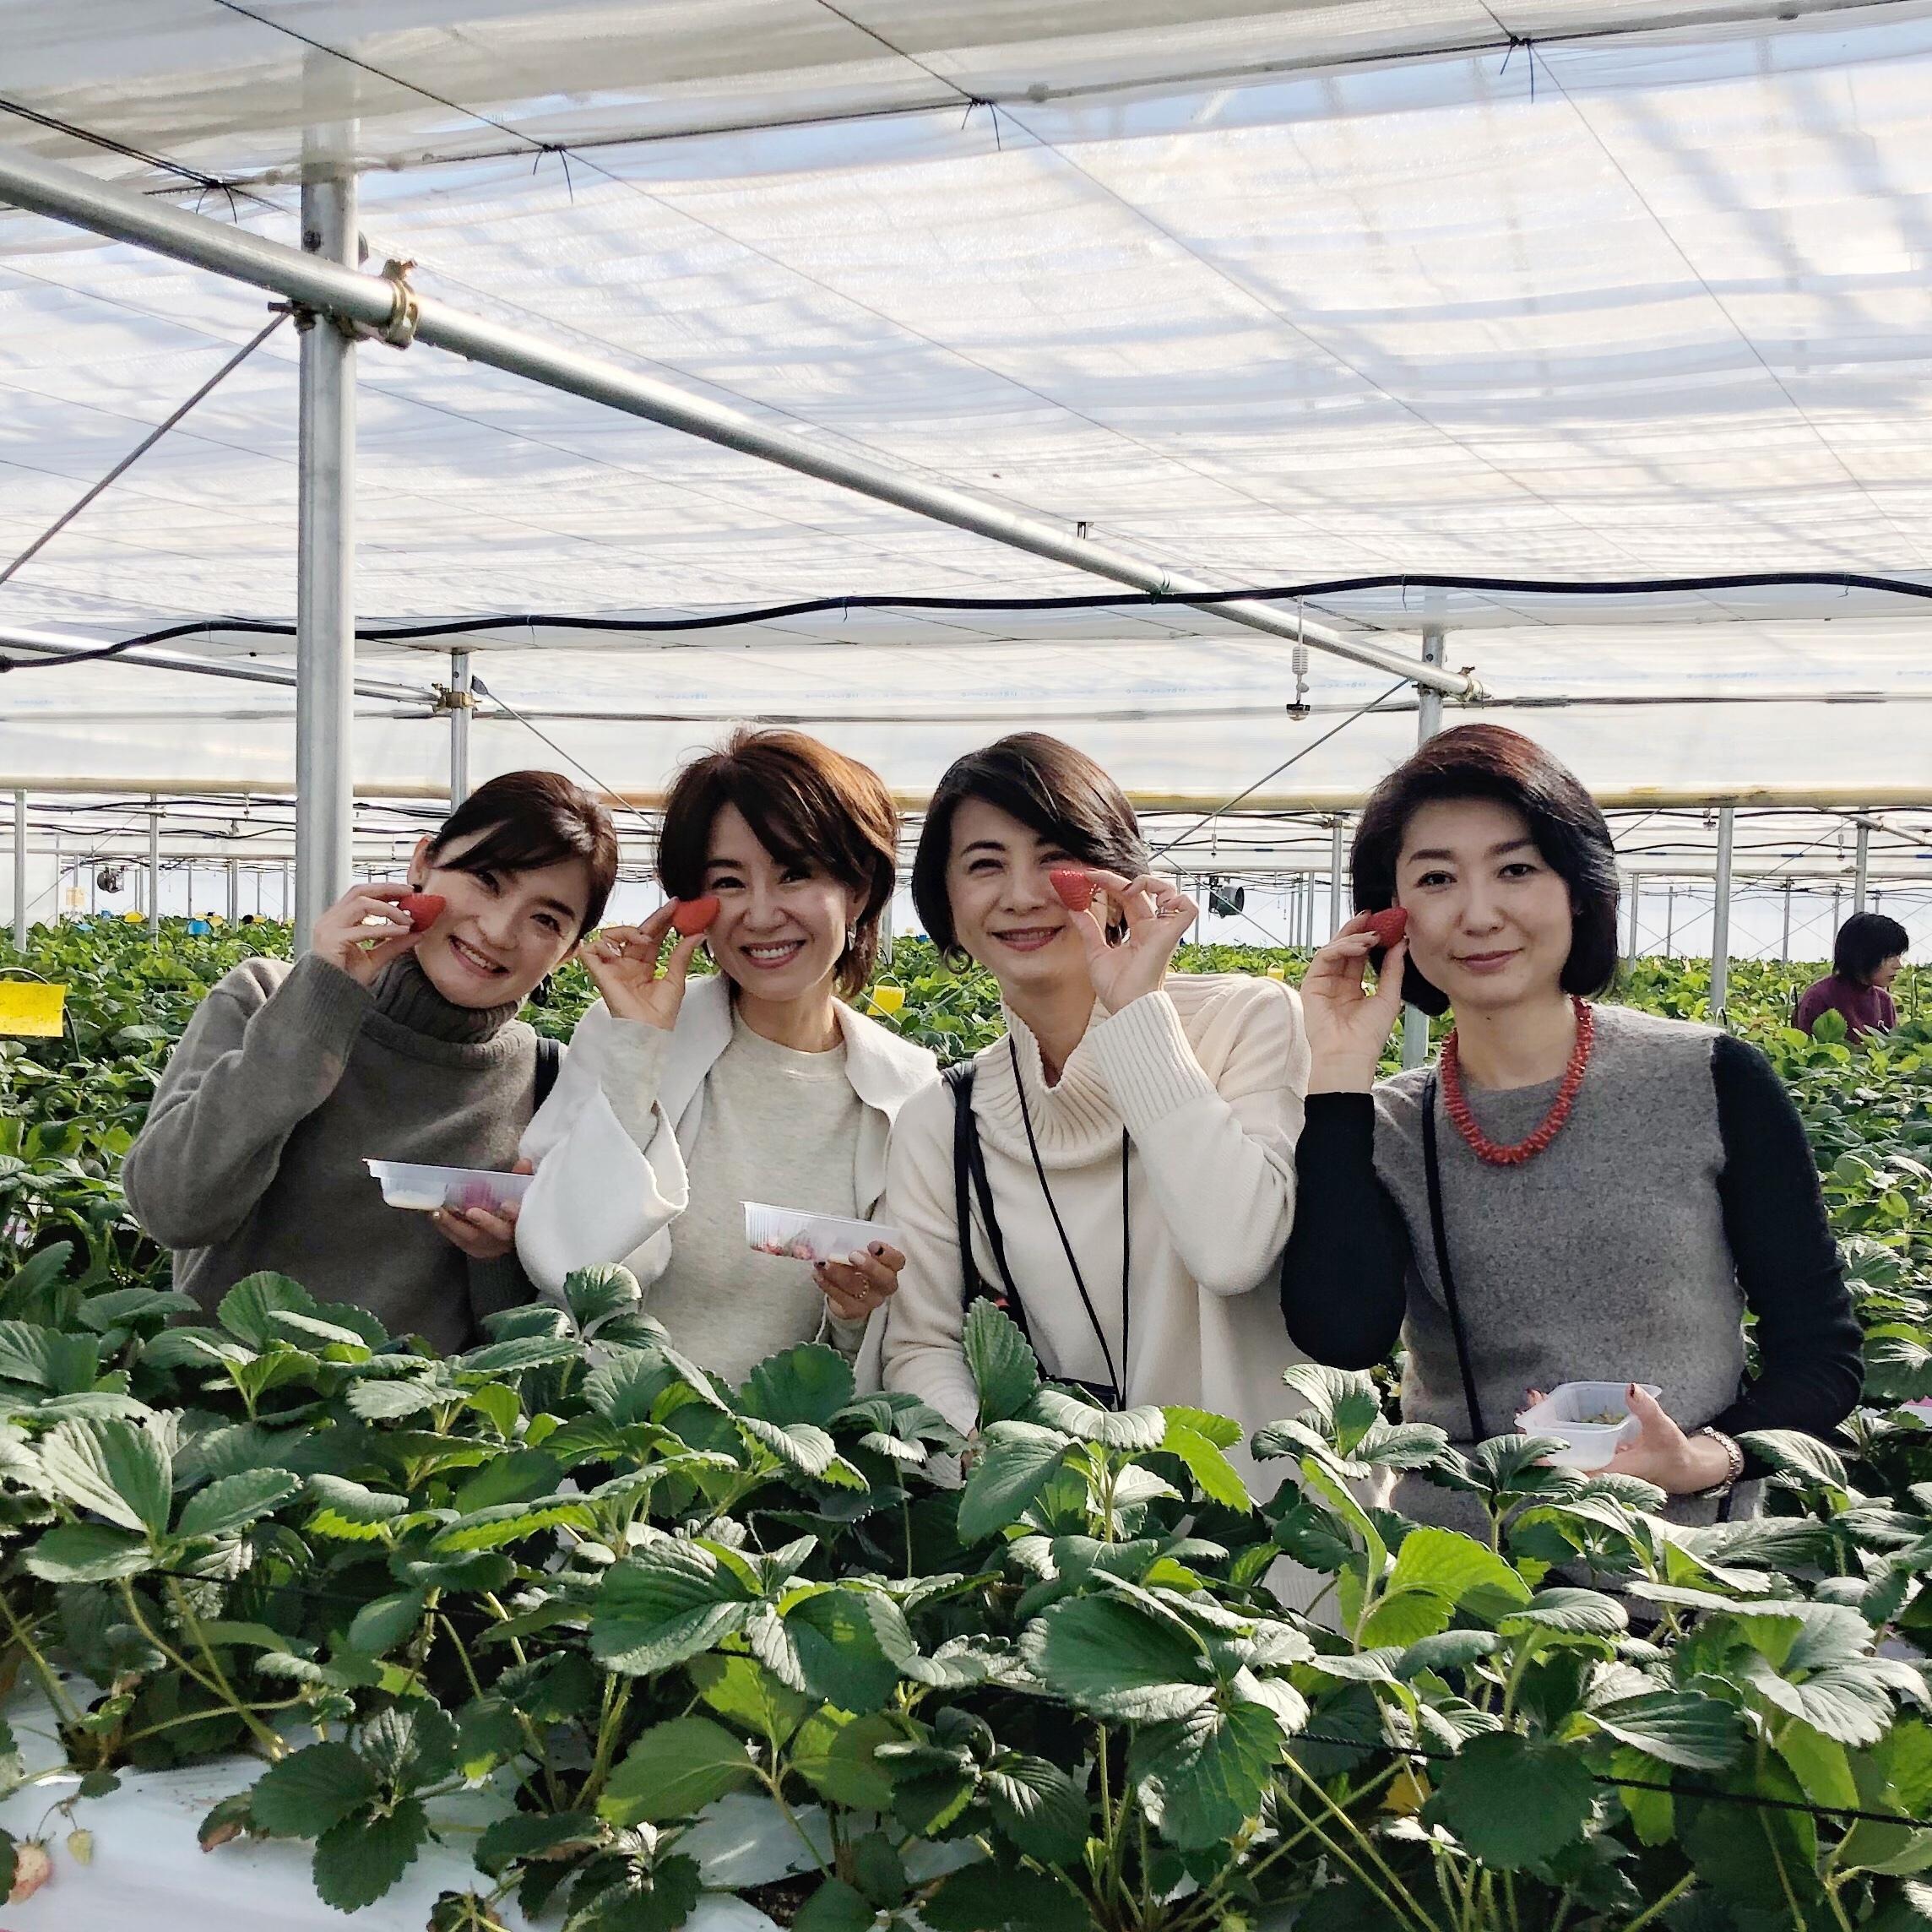 大人女子の美容合宿 in 軽井沢 part 3_1_3